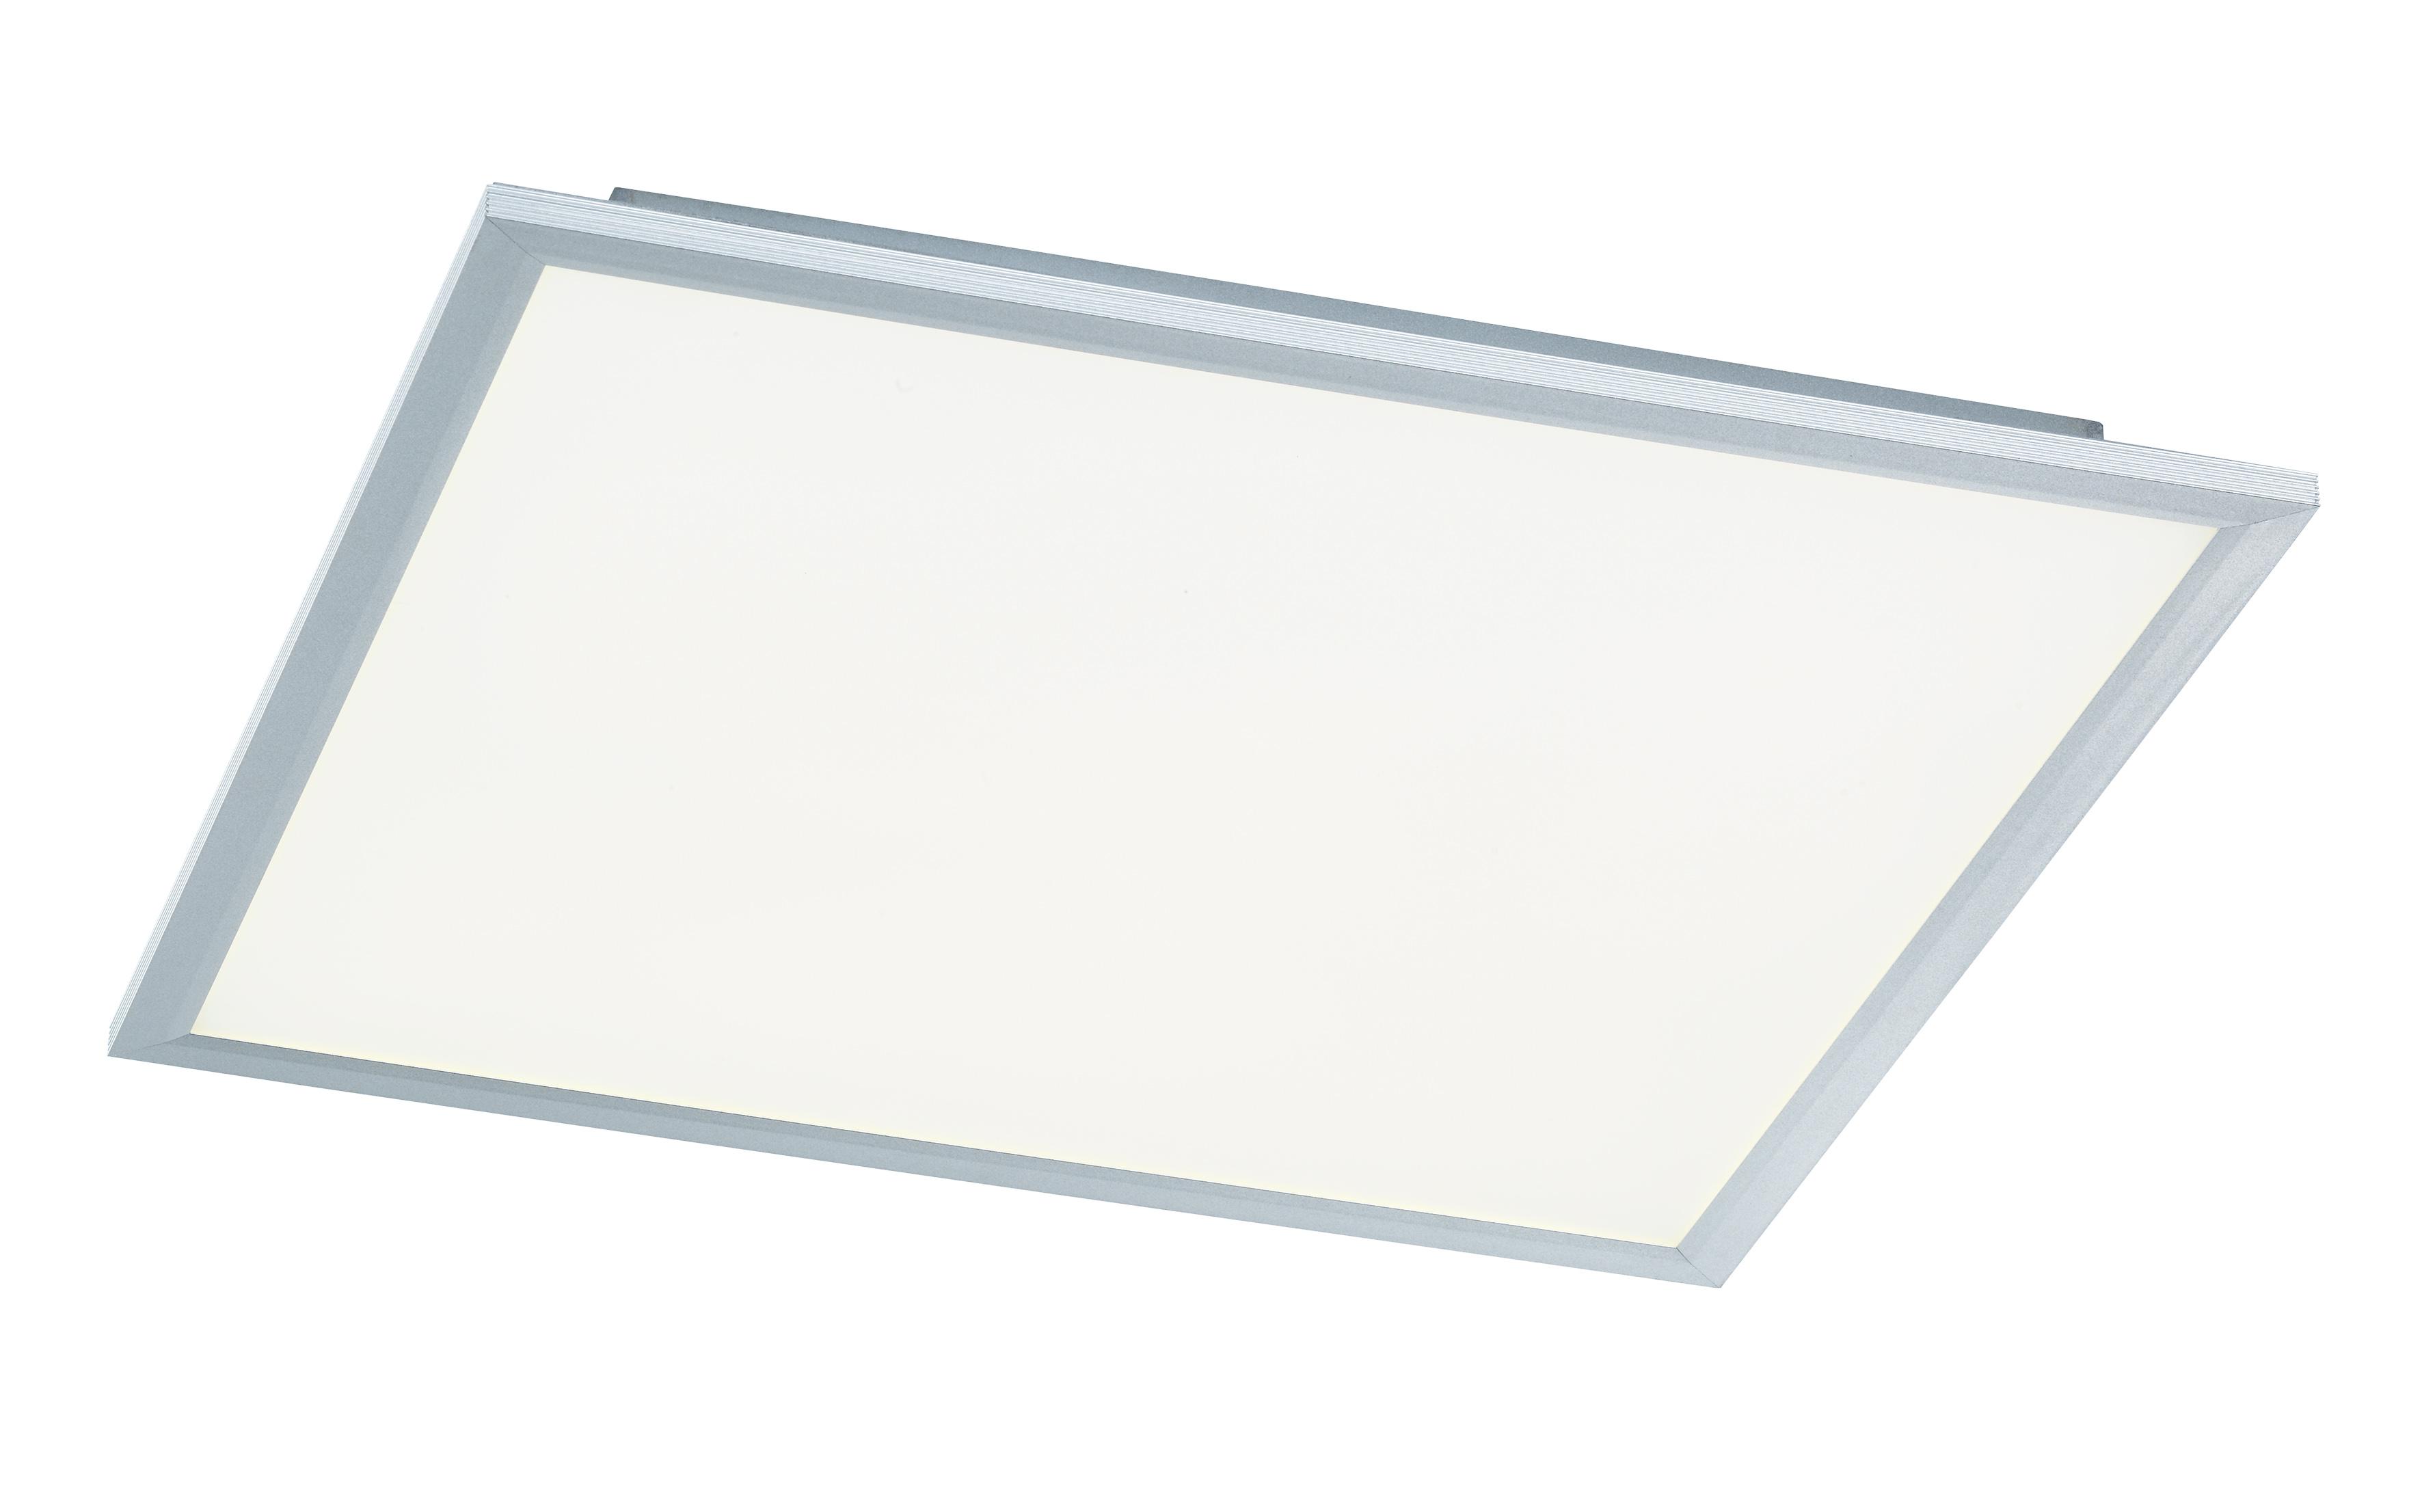 wofi deckenleuchte liv 1 flg silber 60x60 cm mit farbtemperaturwechsler. Black Bedroom Furniture Sets. Home Design Ideas